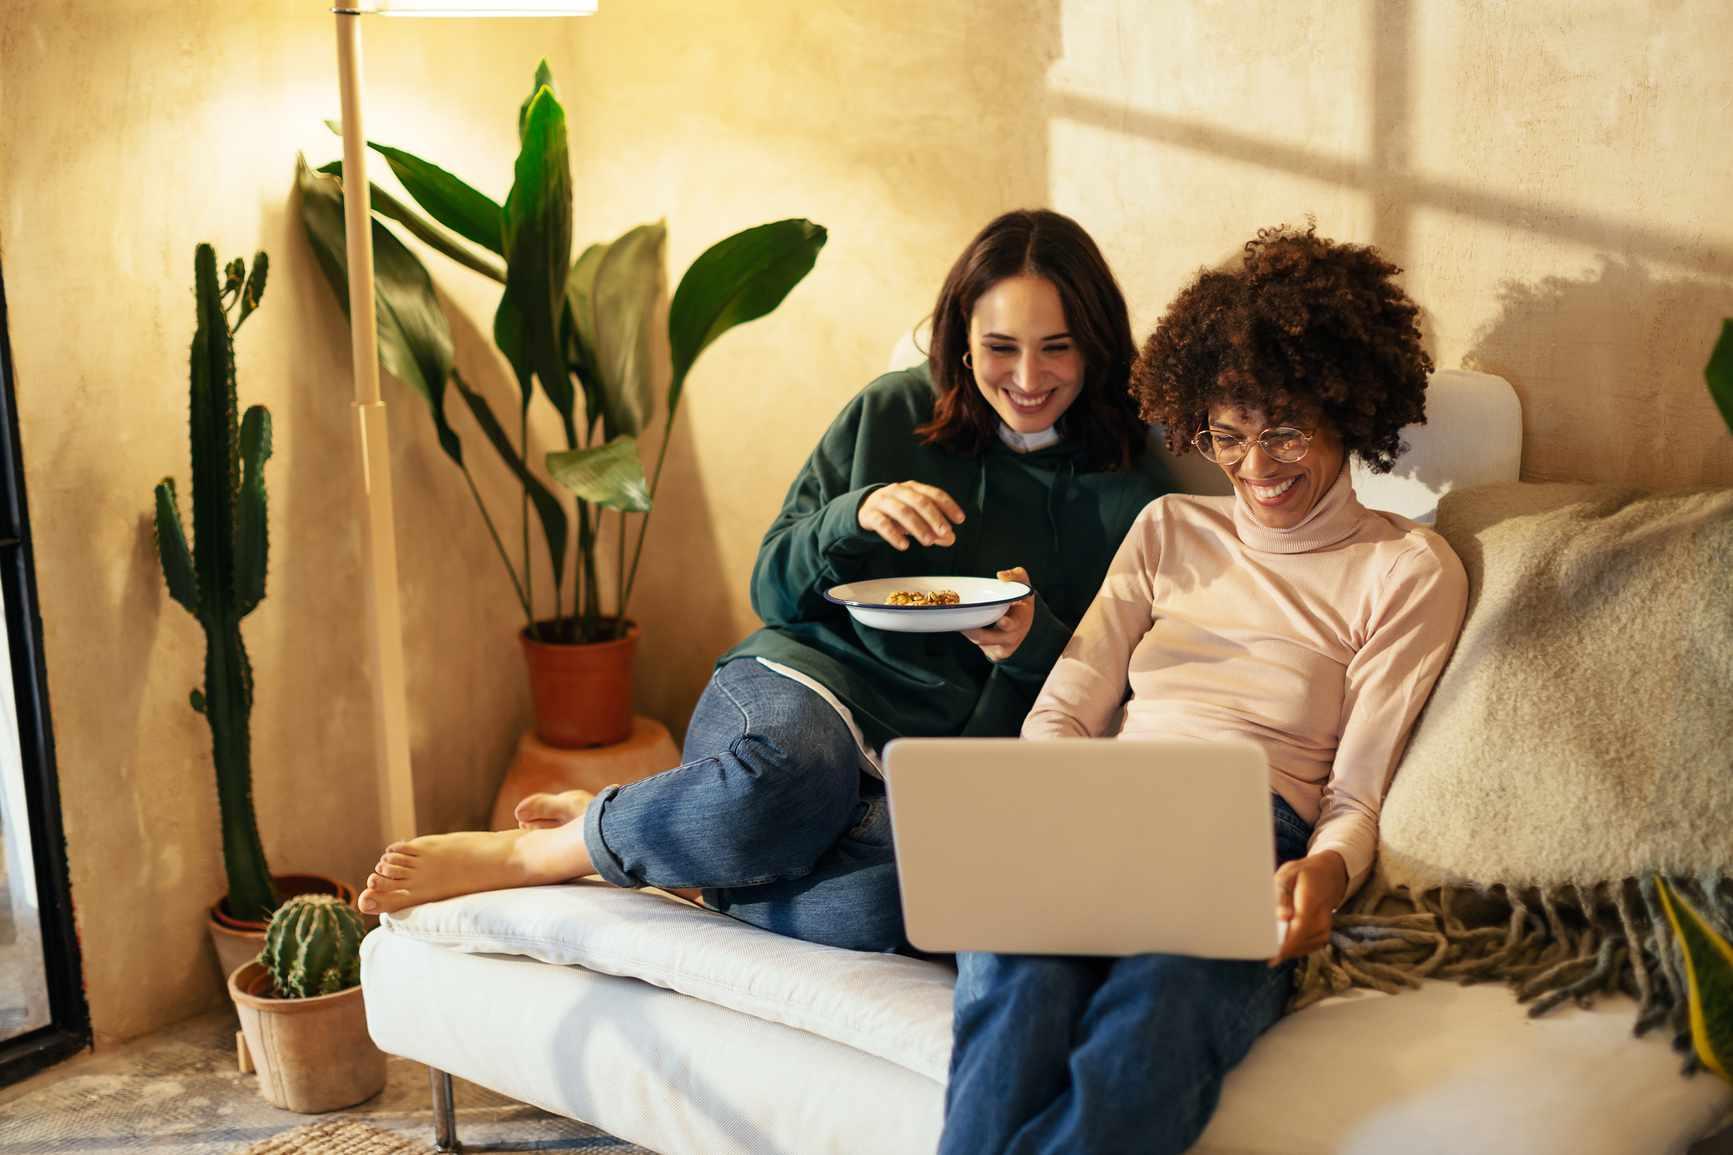 Two women watching TV on laptop.